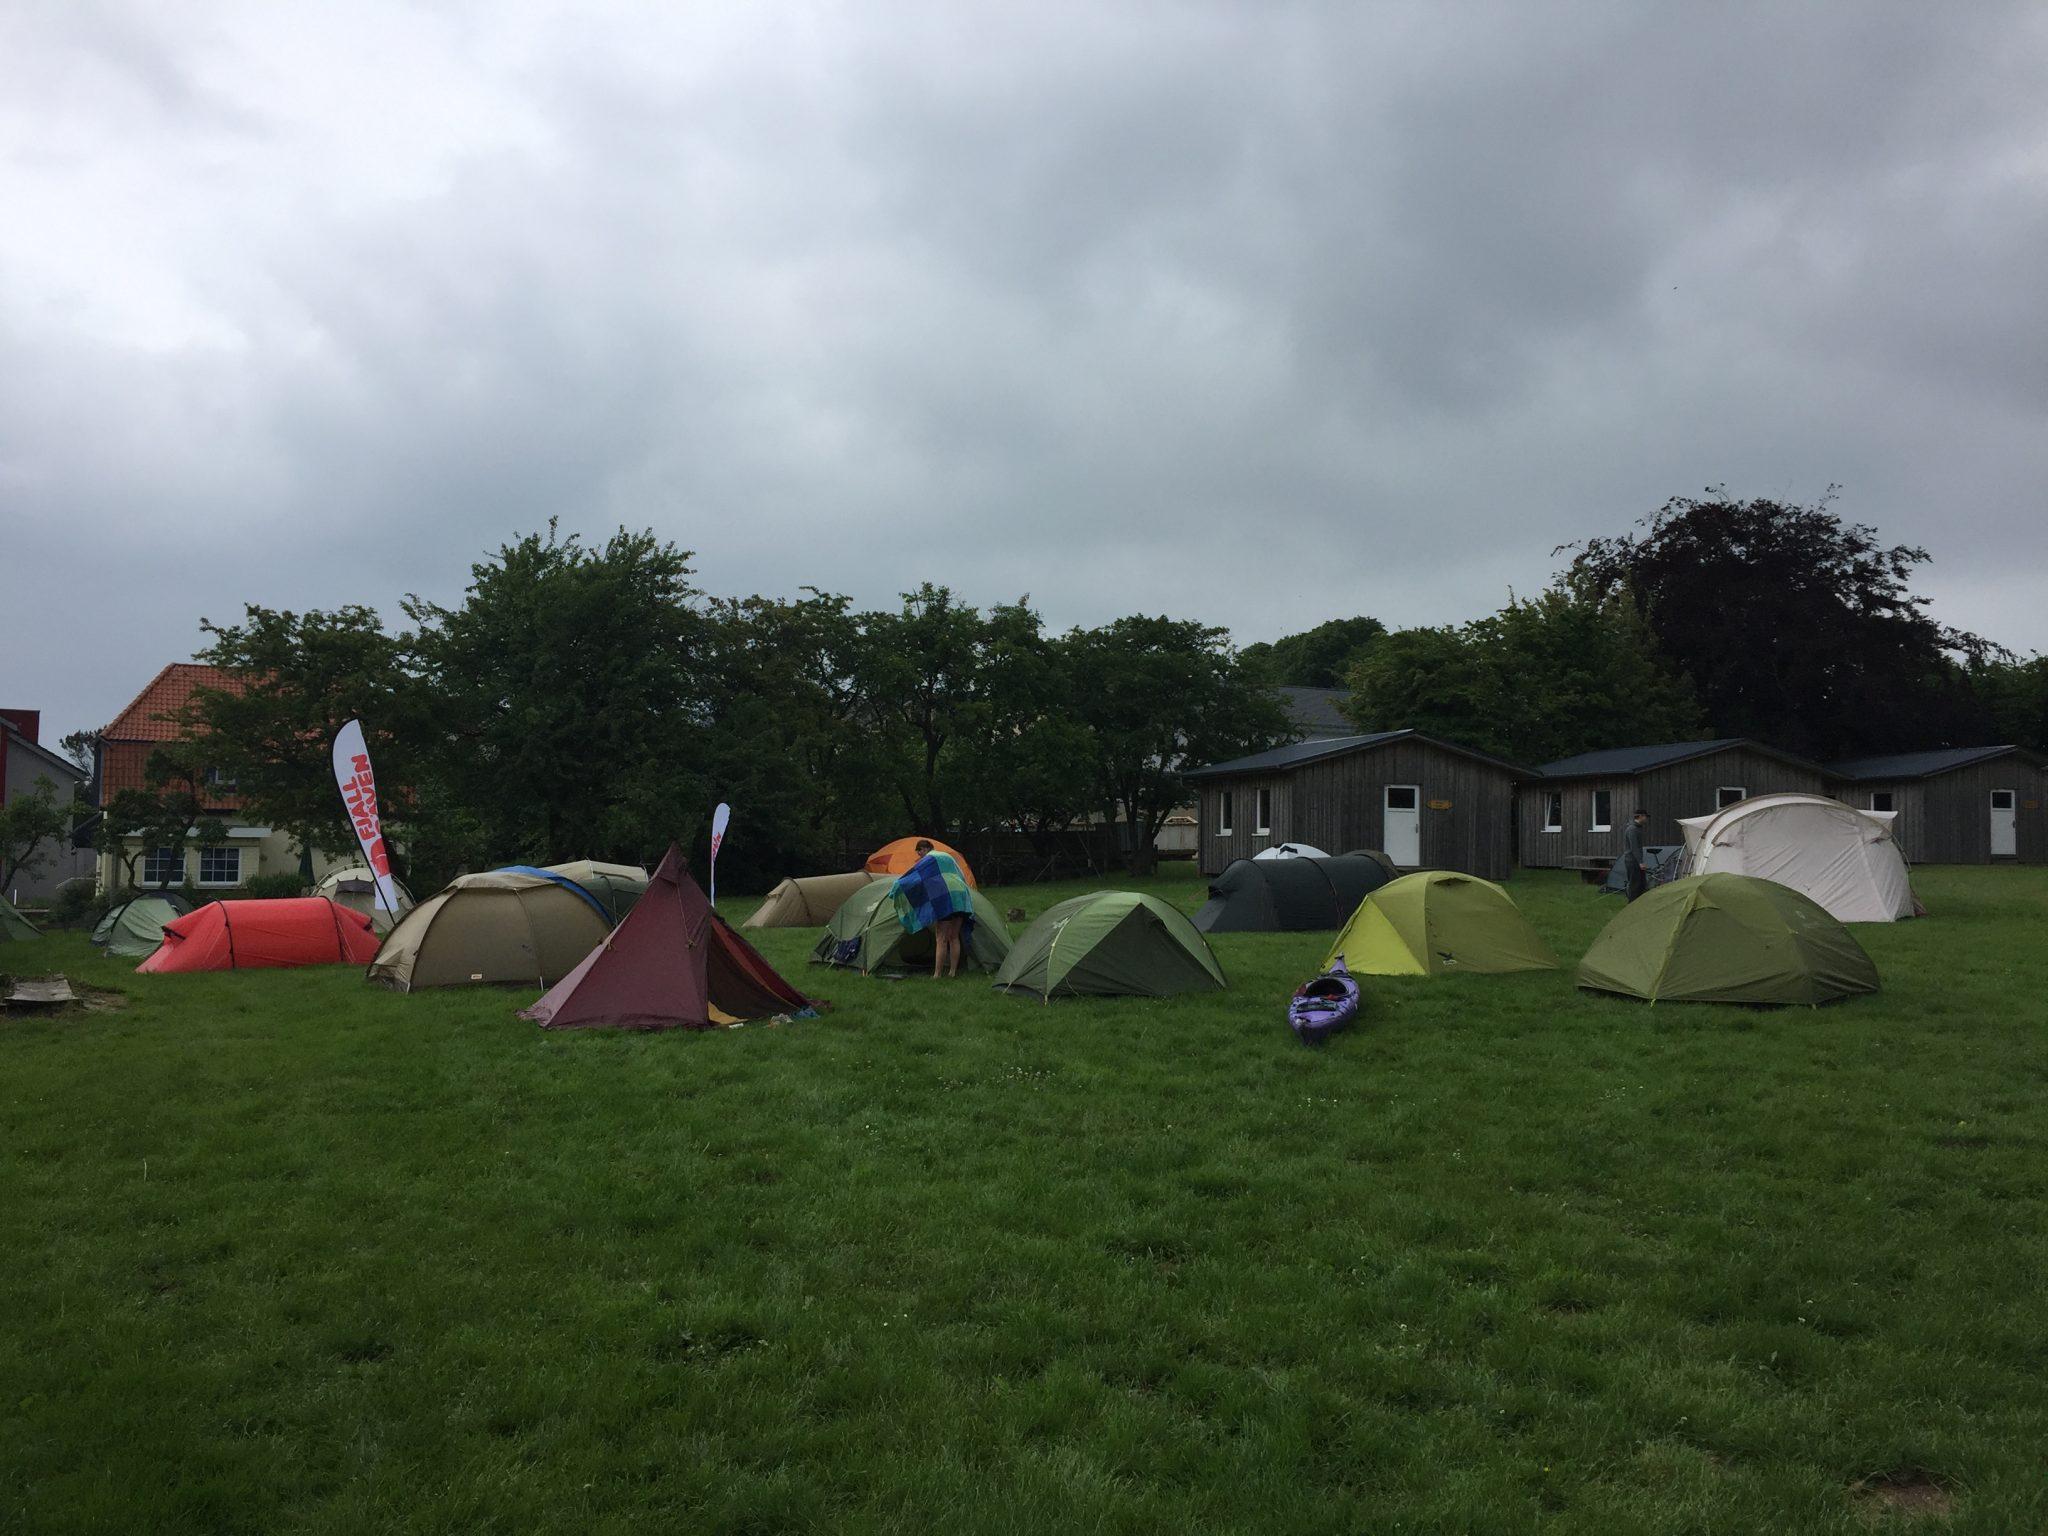 Zeltlager auf einer Wiese vor Holzhütten